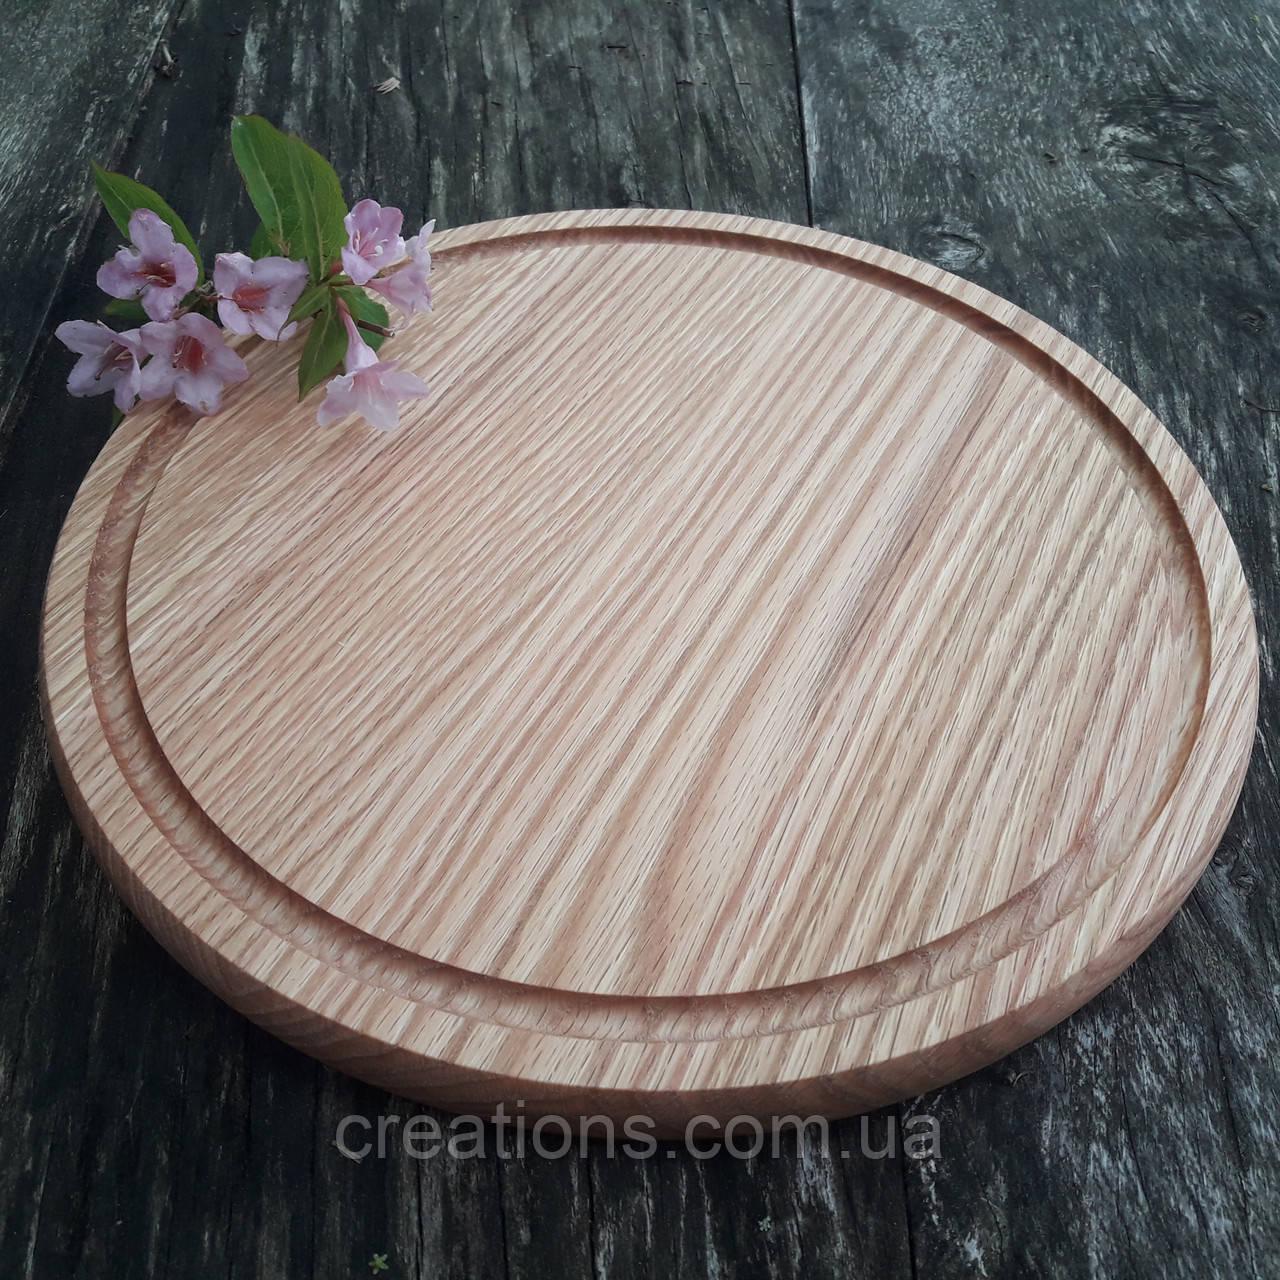 Доска для пиццы 45 см. круглая разделочная кухонная деревянная из ясеня, дуба РД-25